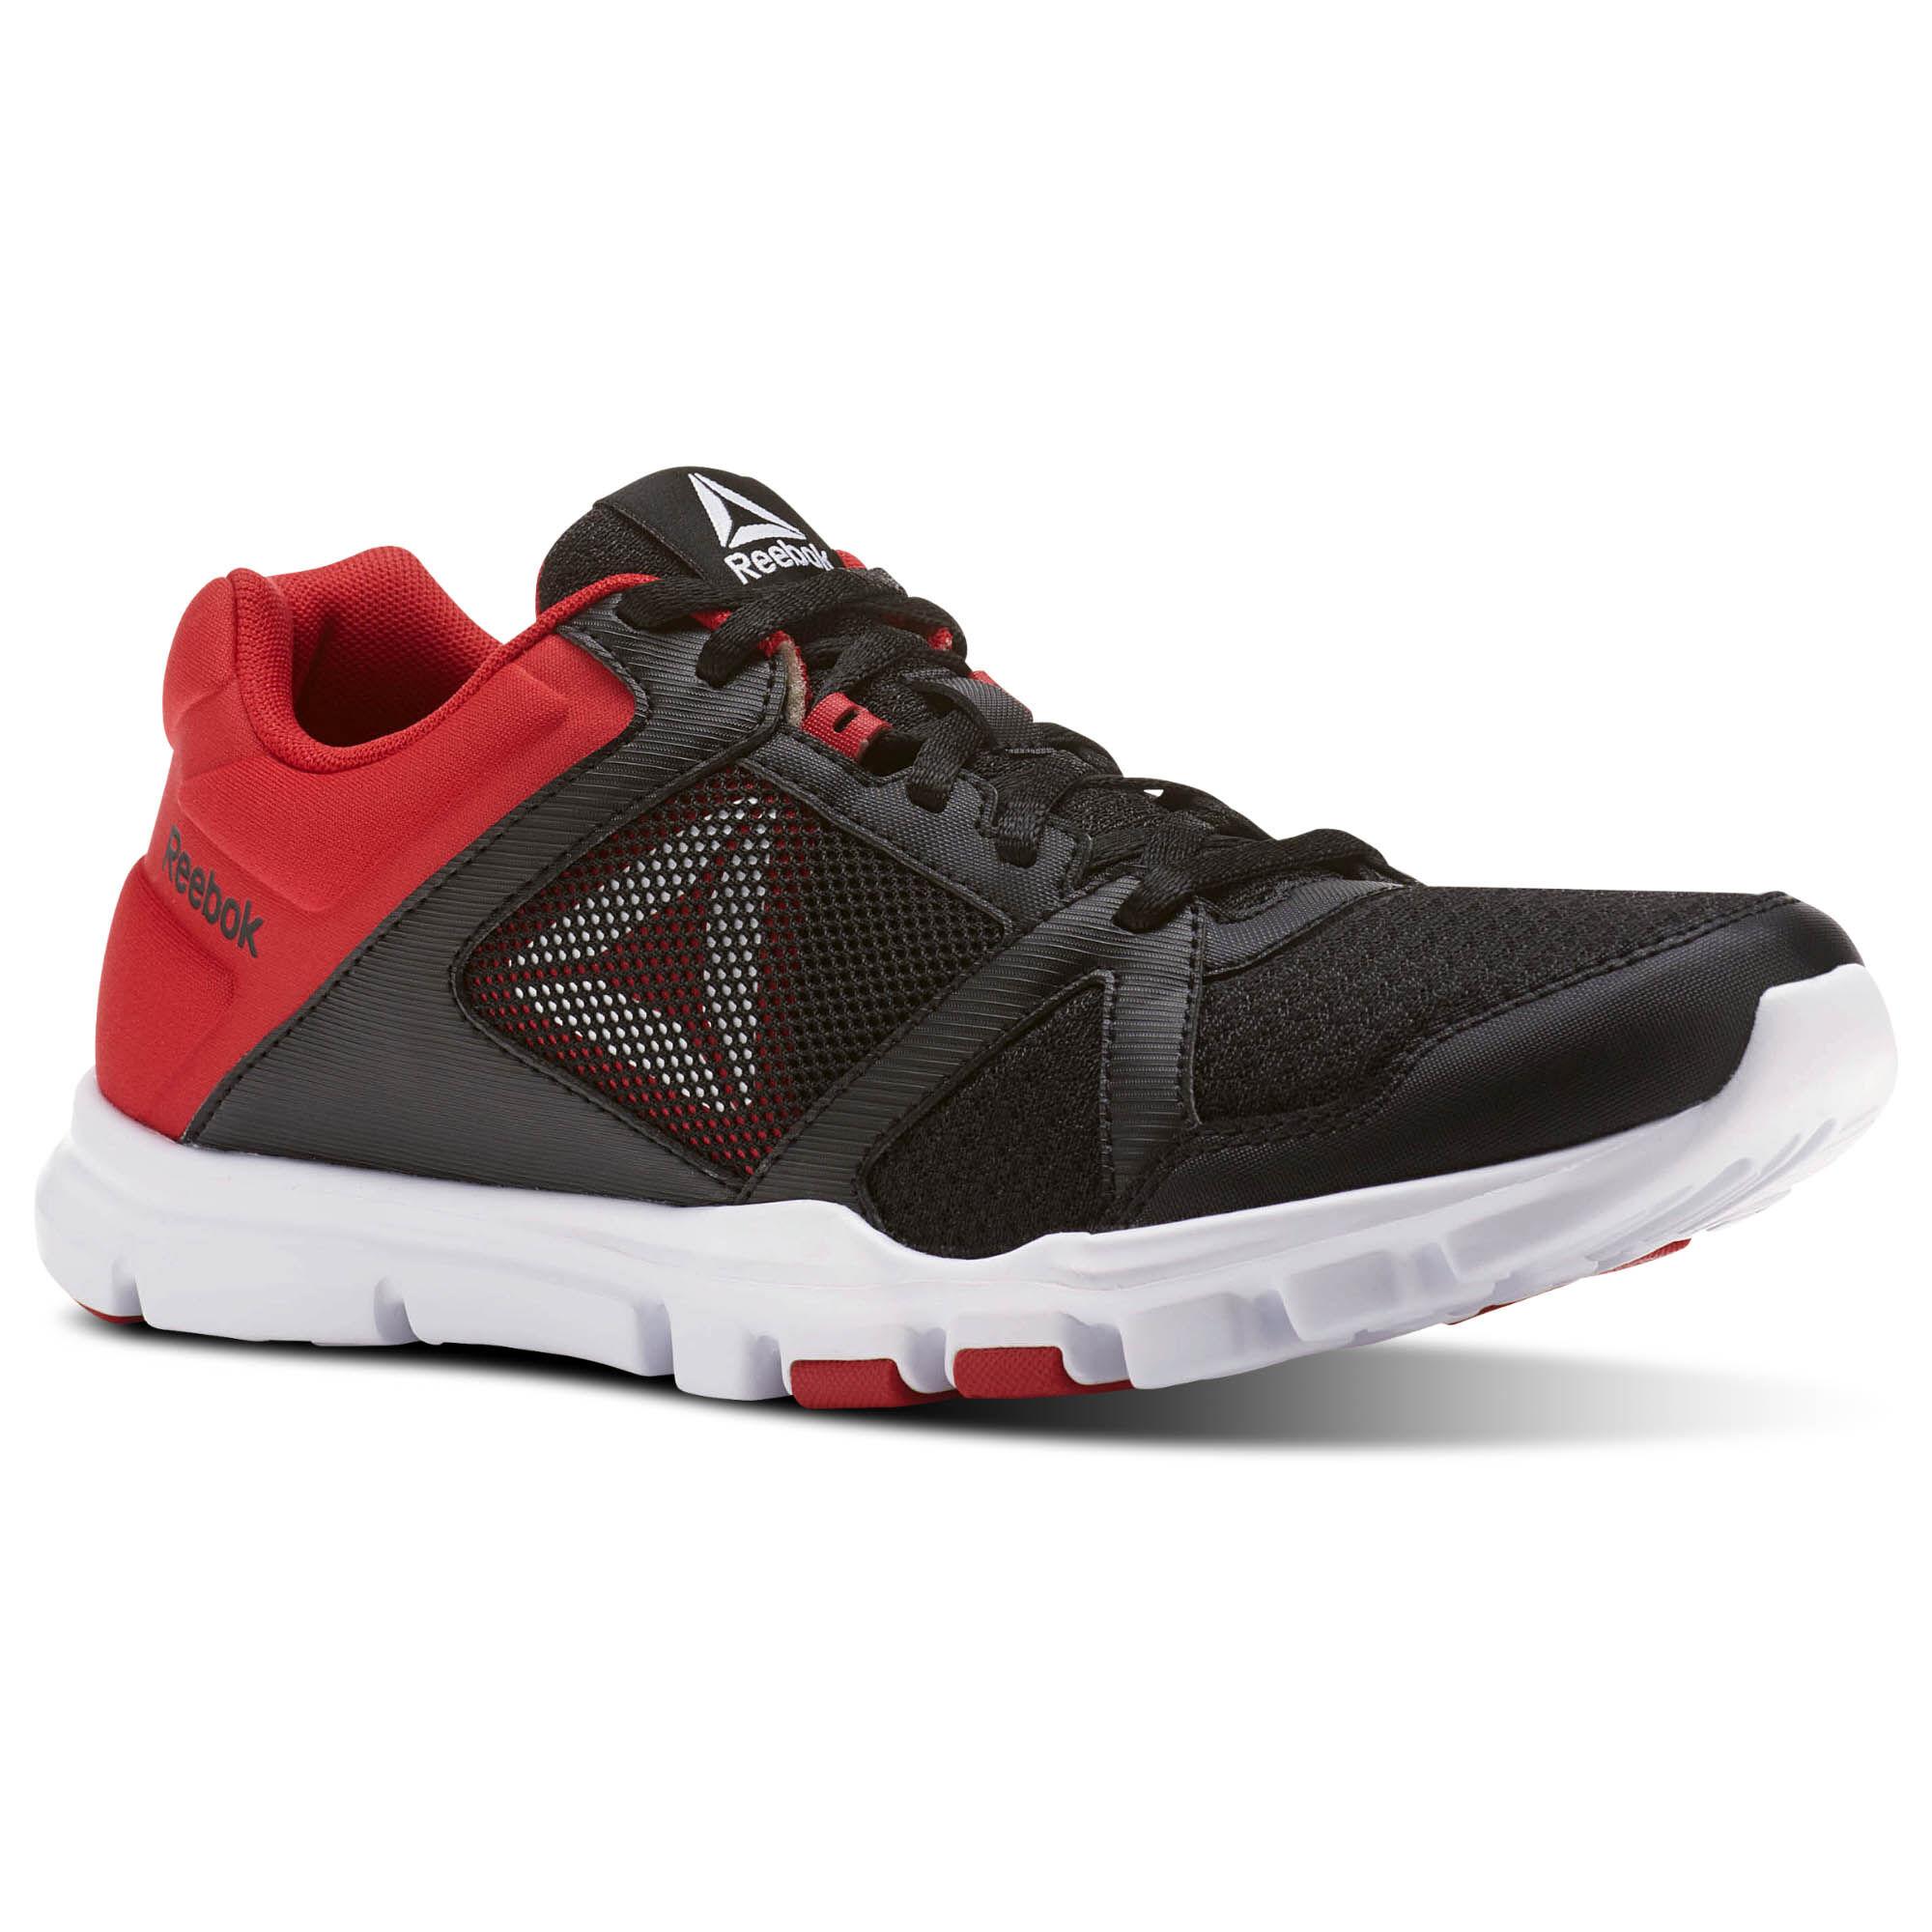 Mens Reebok Men's Your Flex Train 2 0 Cross Training Shoe Outlet Shop Size 45